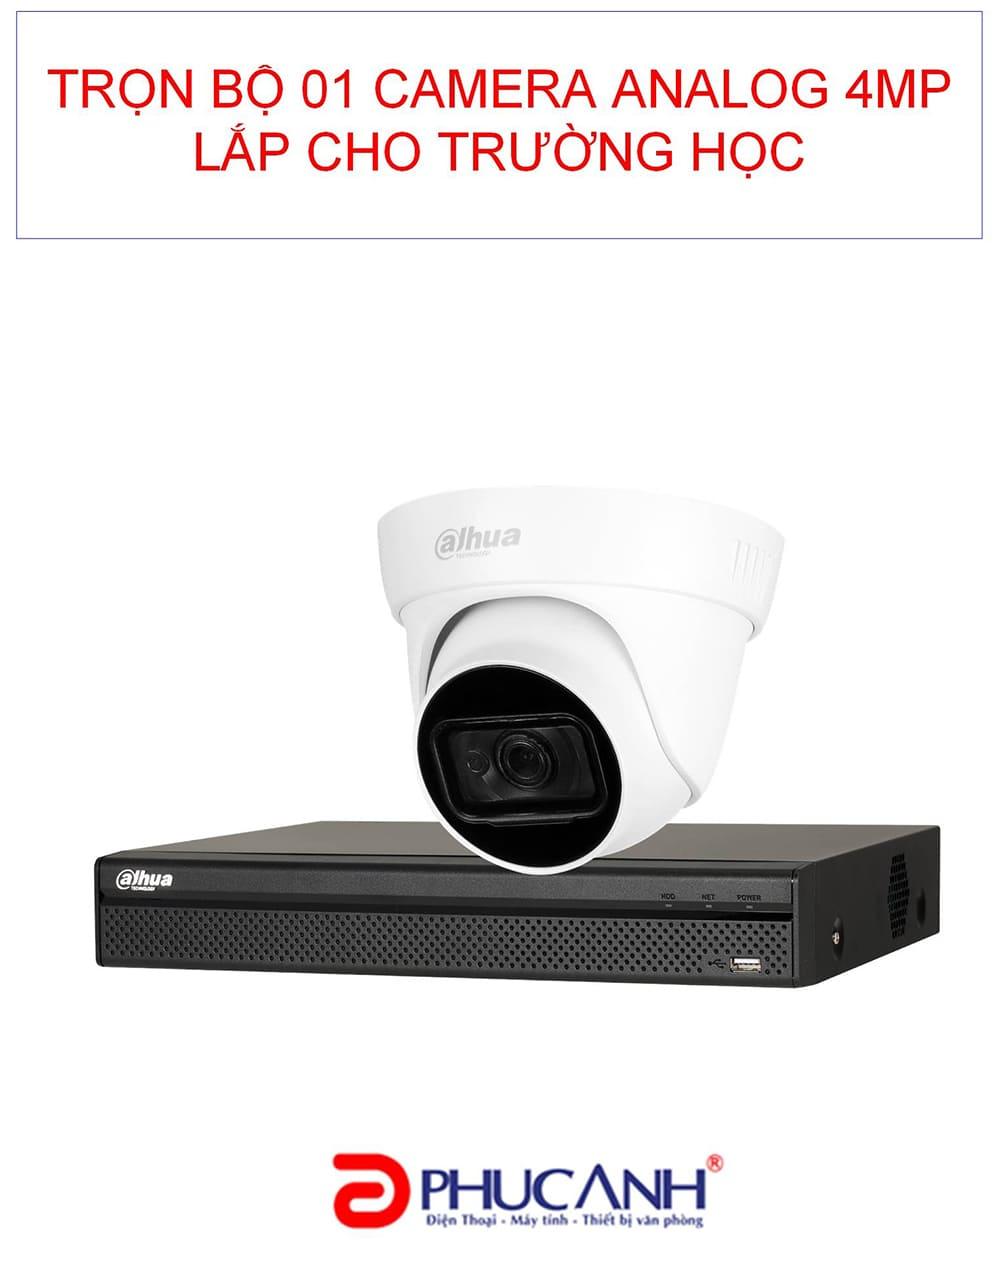 Trọn gói lắp đặt 01 camera analog 4.0 MP cho trường học